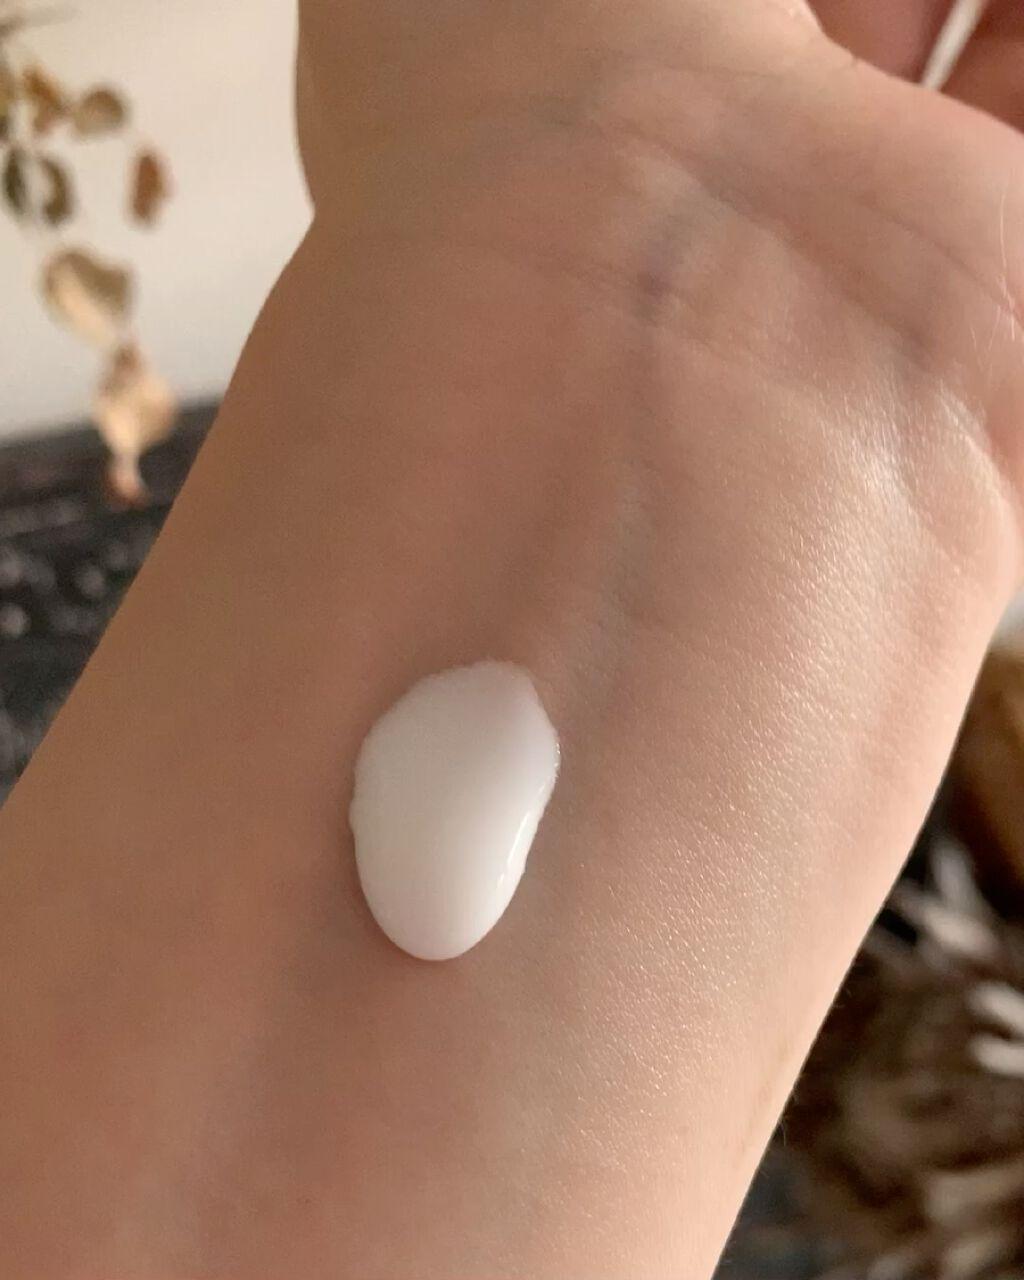 薬用顔ローション/ヘパソフト/化粧水を使ったクチコミ(4枚目)